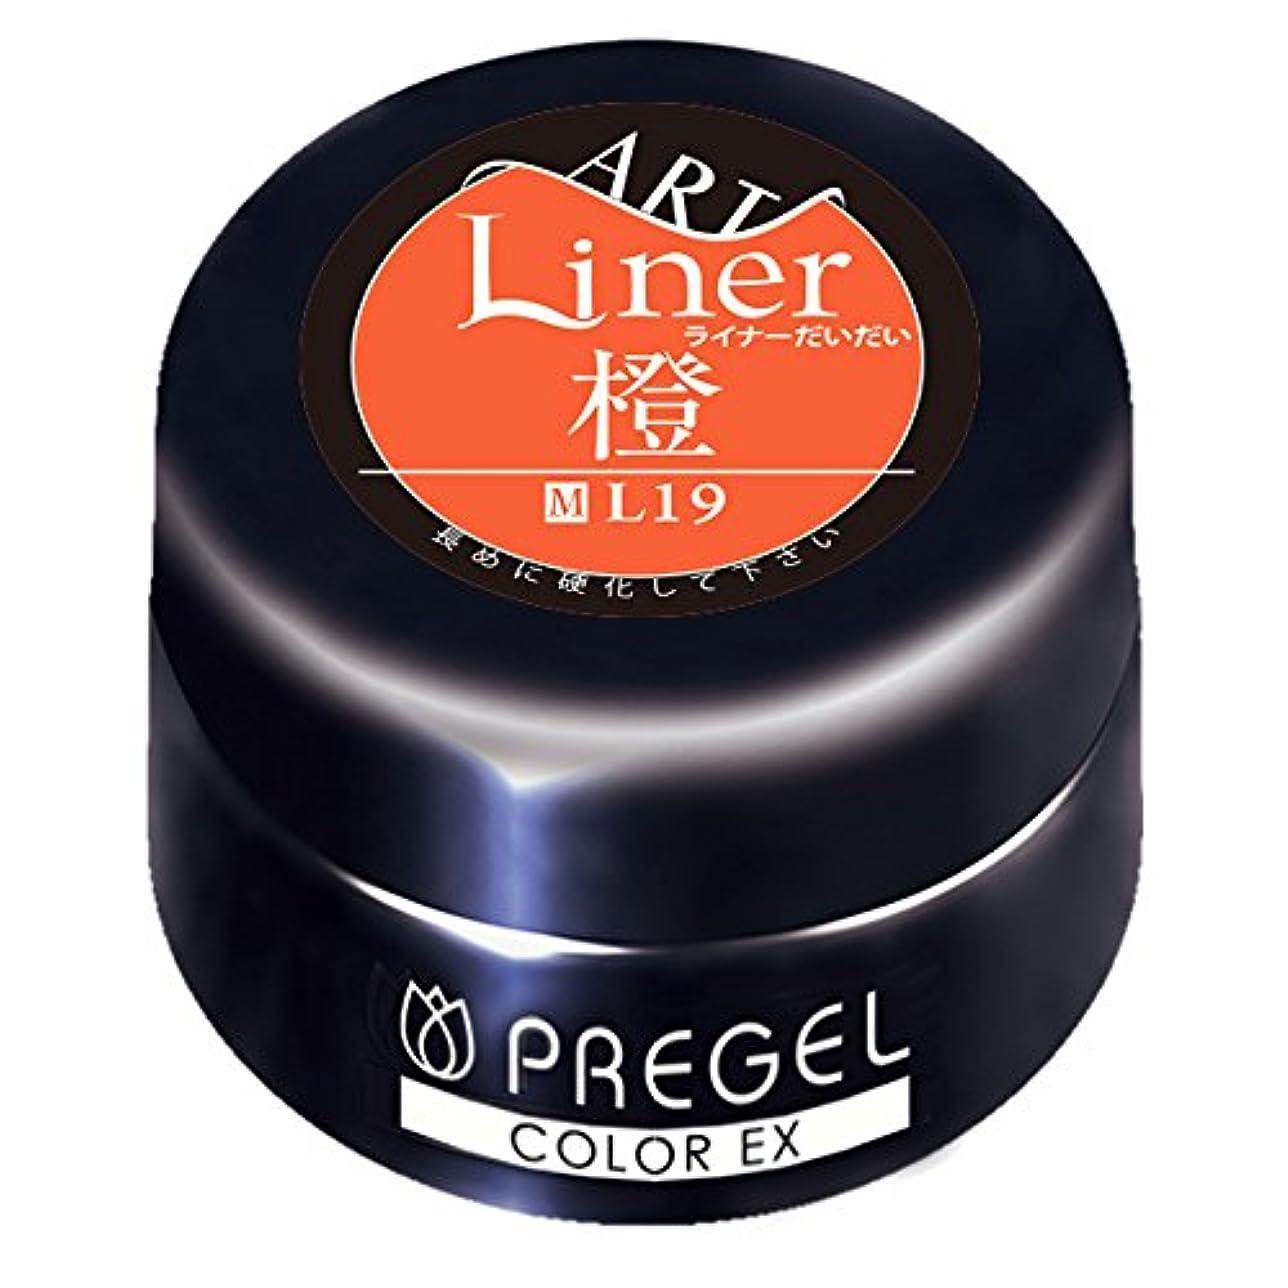 評議会退却イソギンチャクPRE GEL カラーEX ライナー橙19 4g UV/LED対応